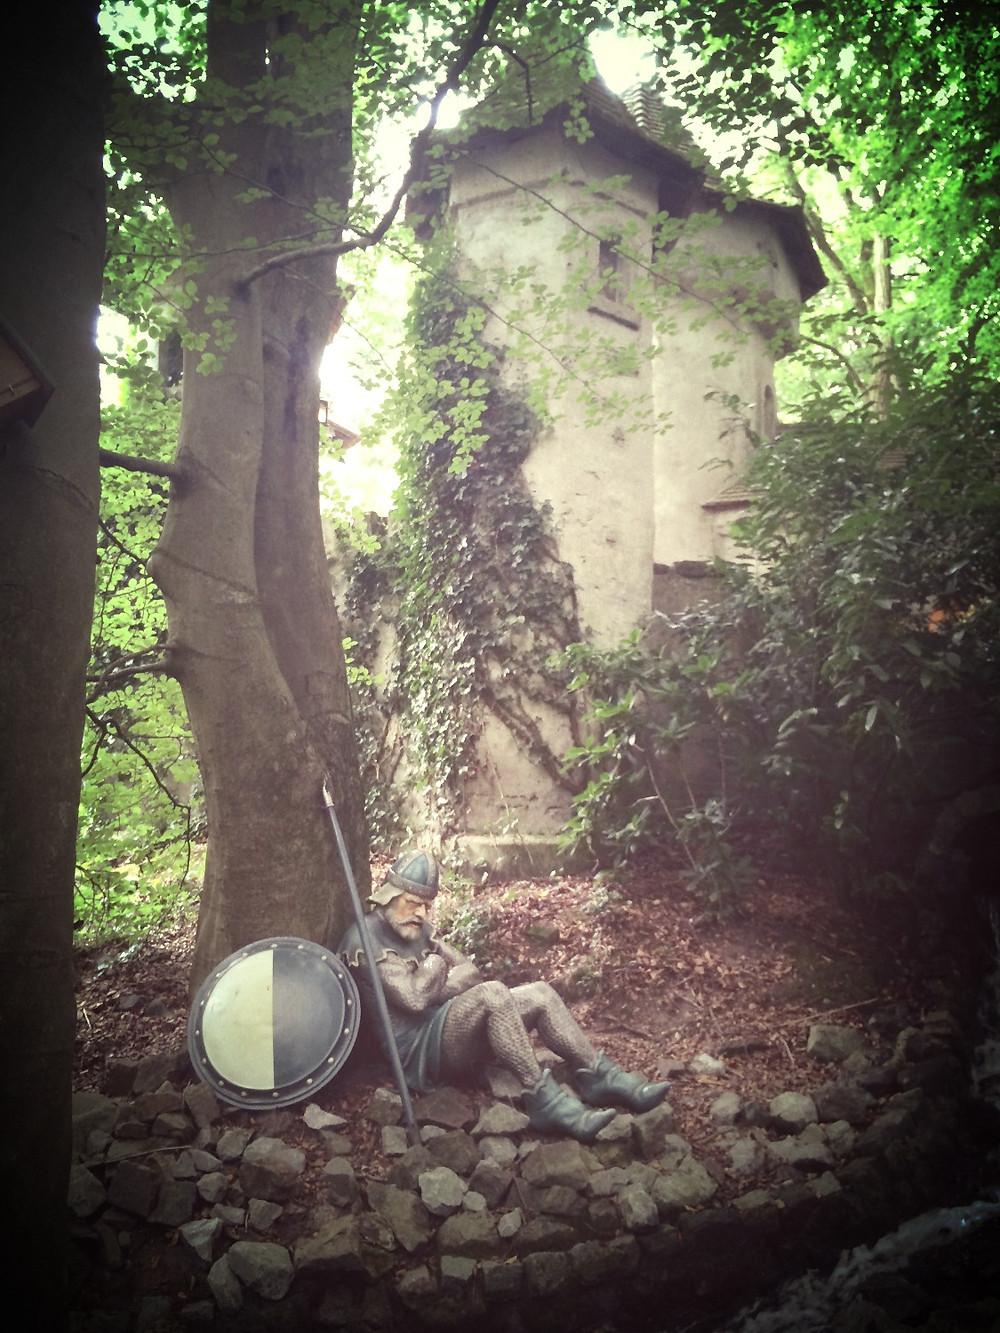 Le Bois des contes : La Belle au bois dormant